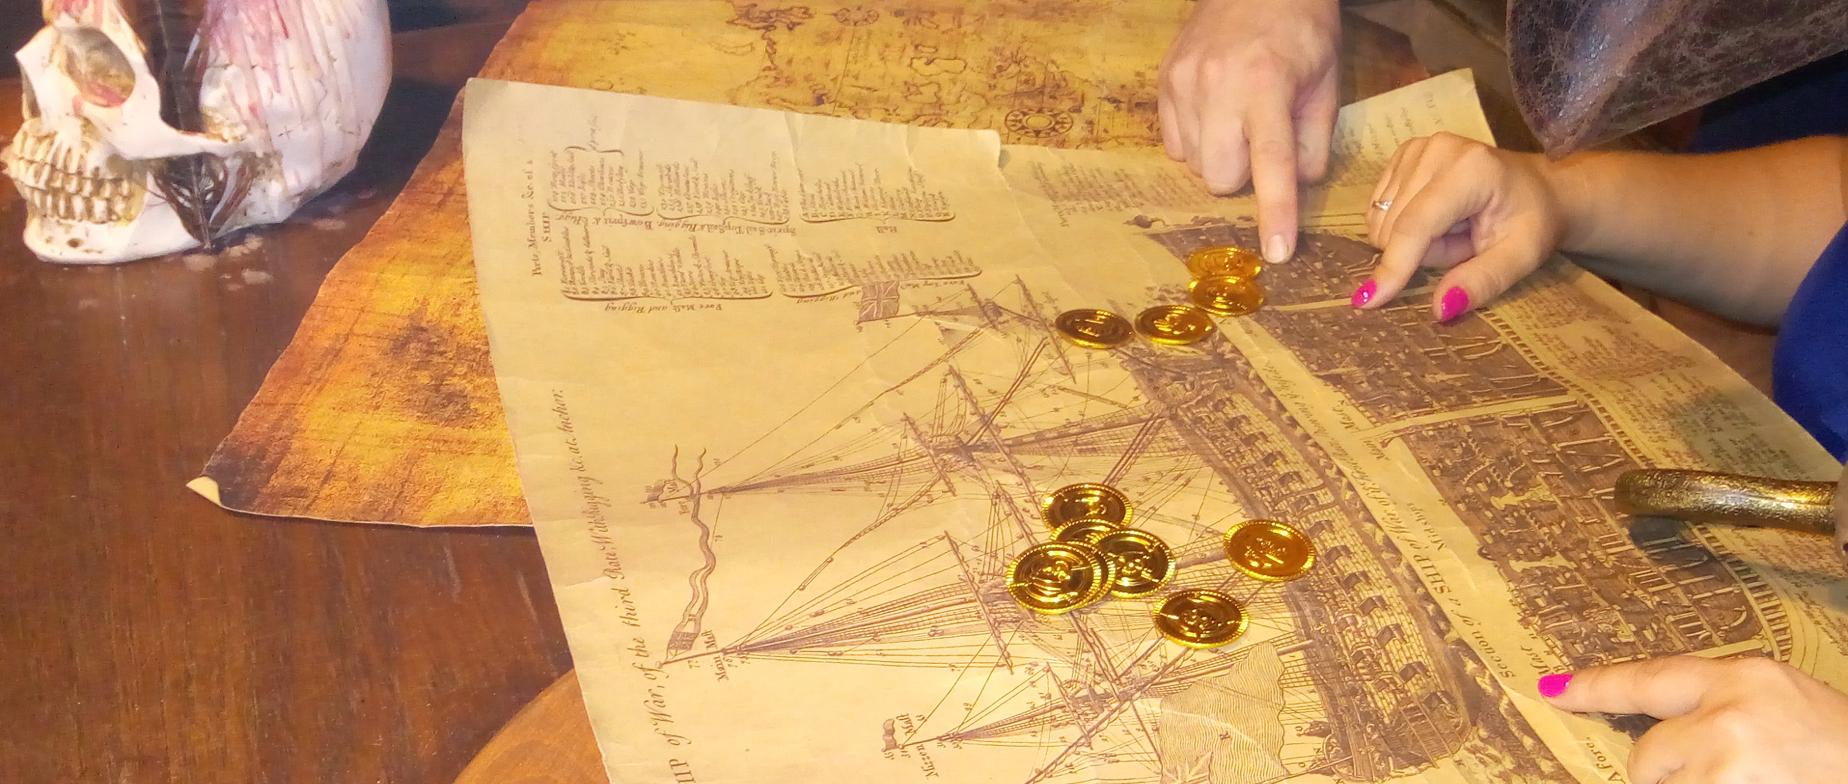 Anna királynő bosszúja, kalózszoba ajándékutalvány